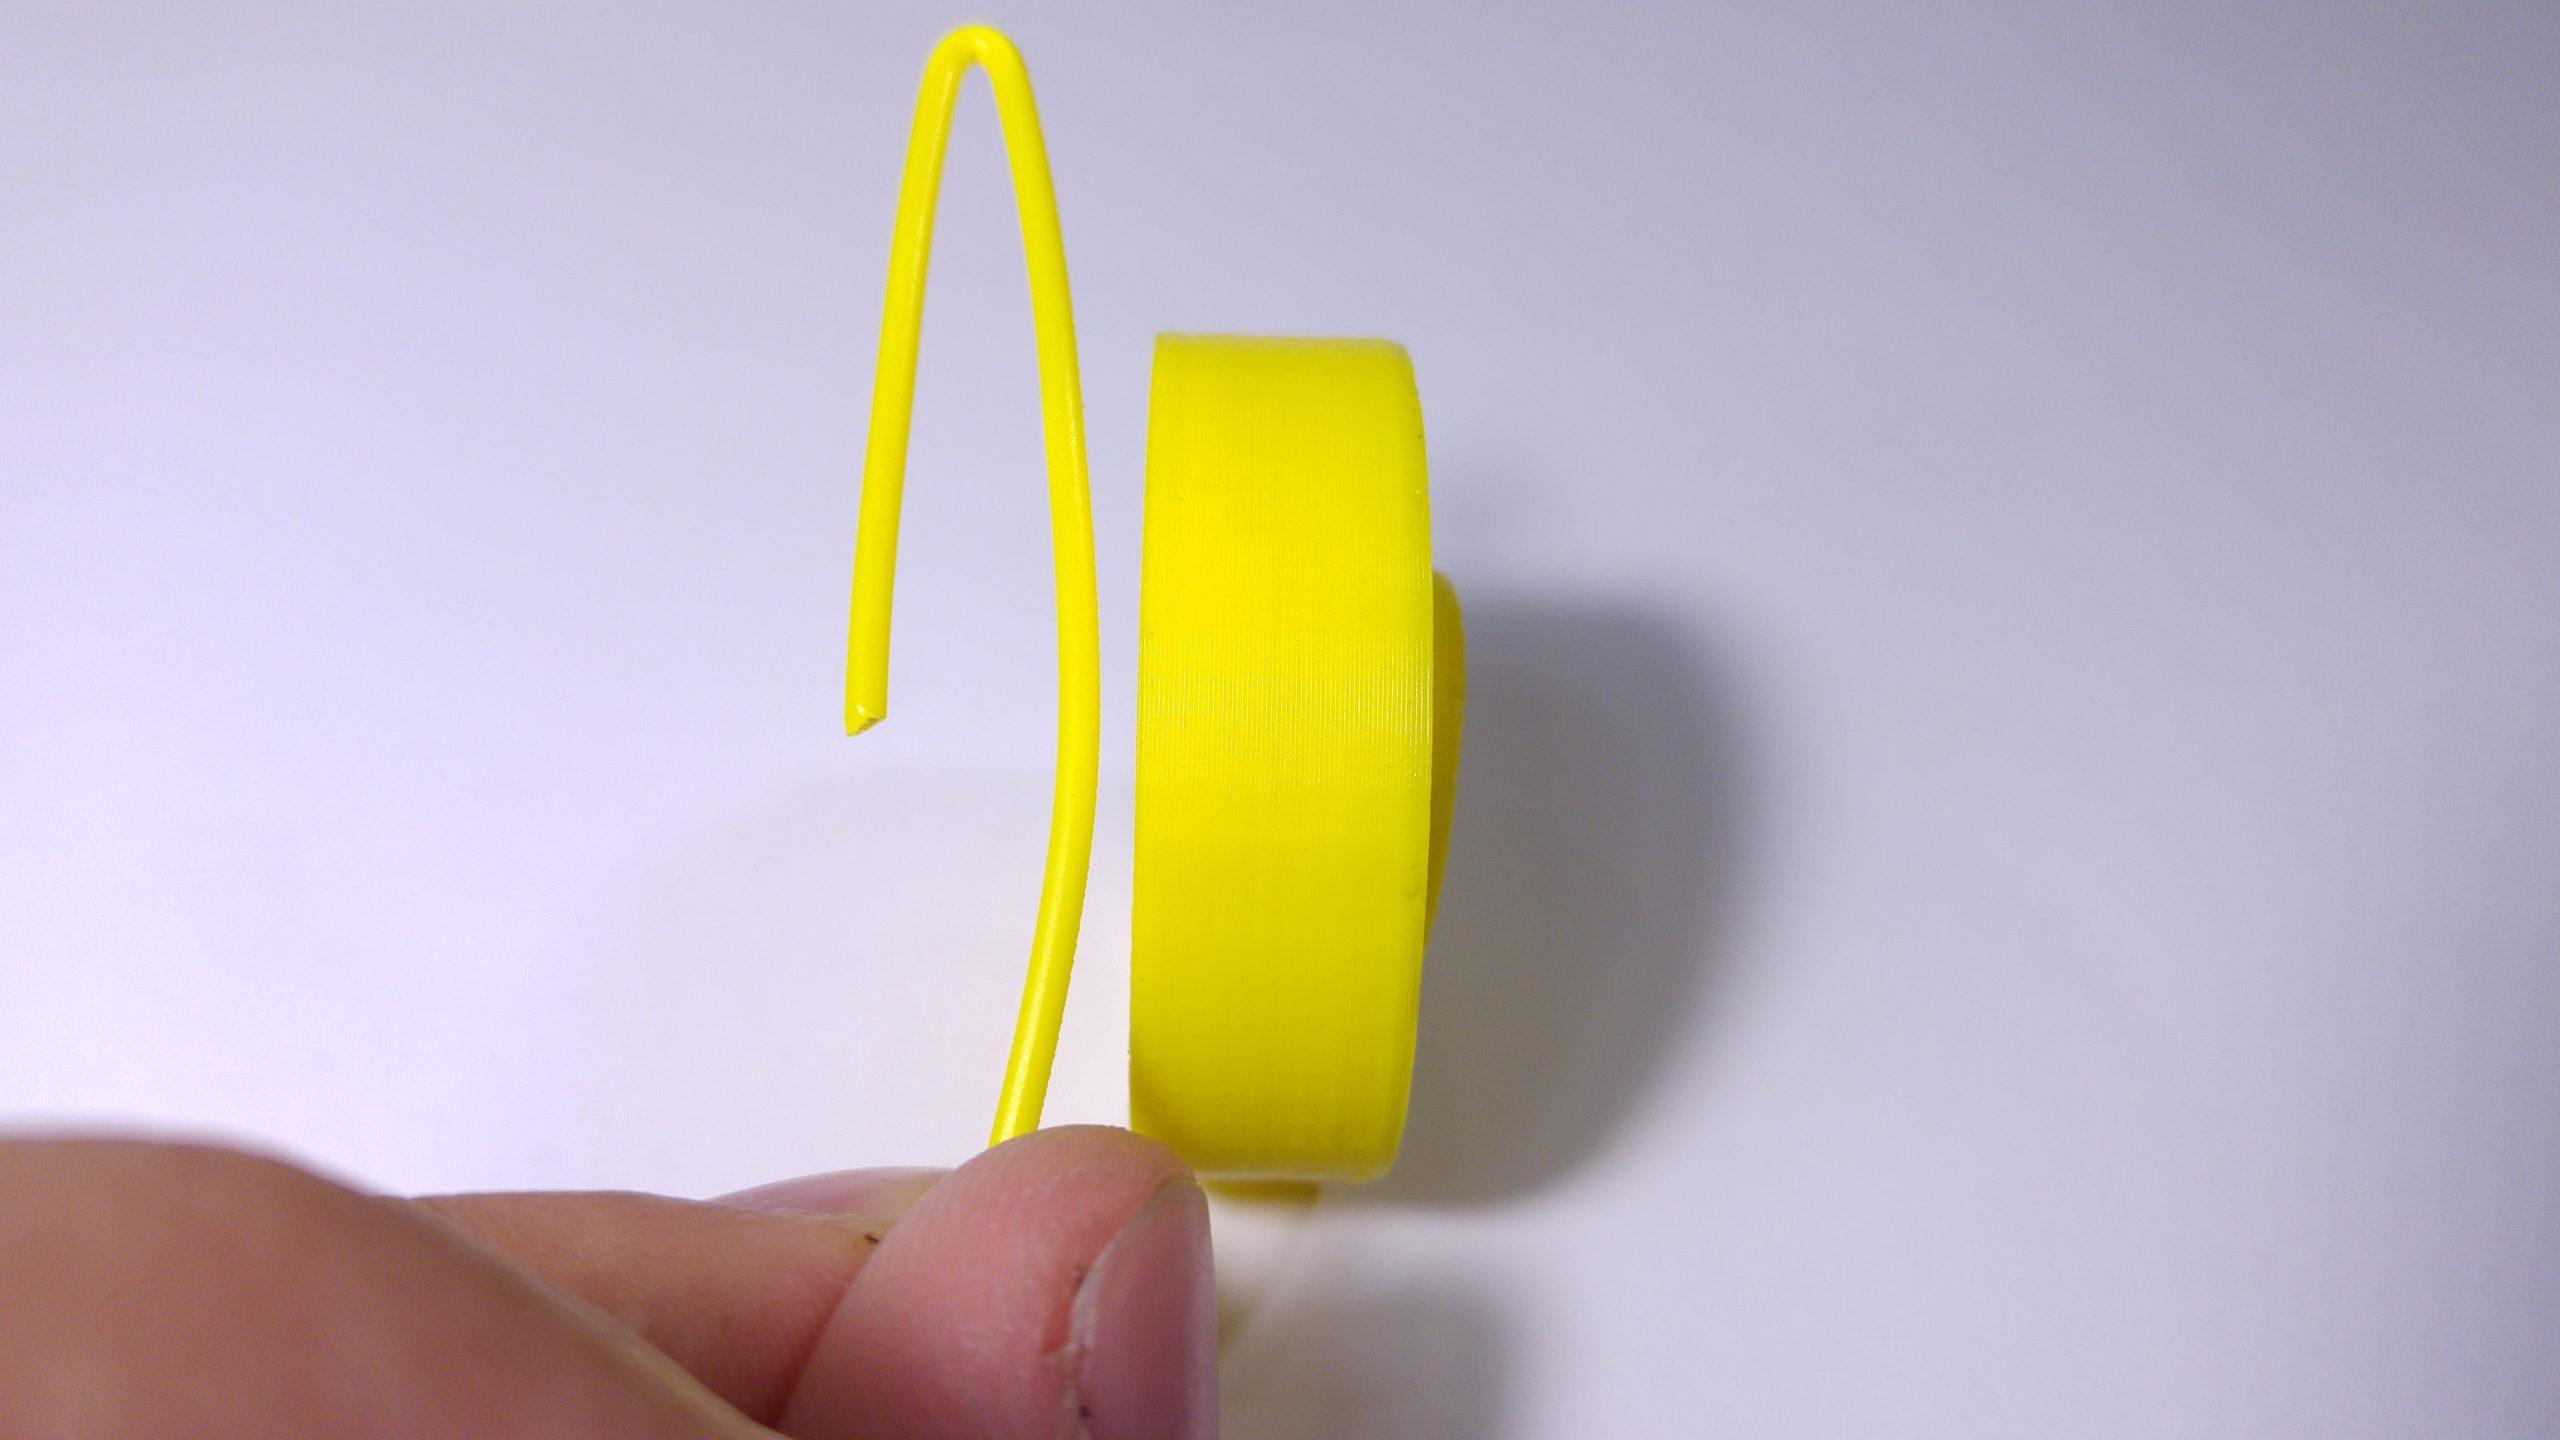 Filament color accuracy comparison